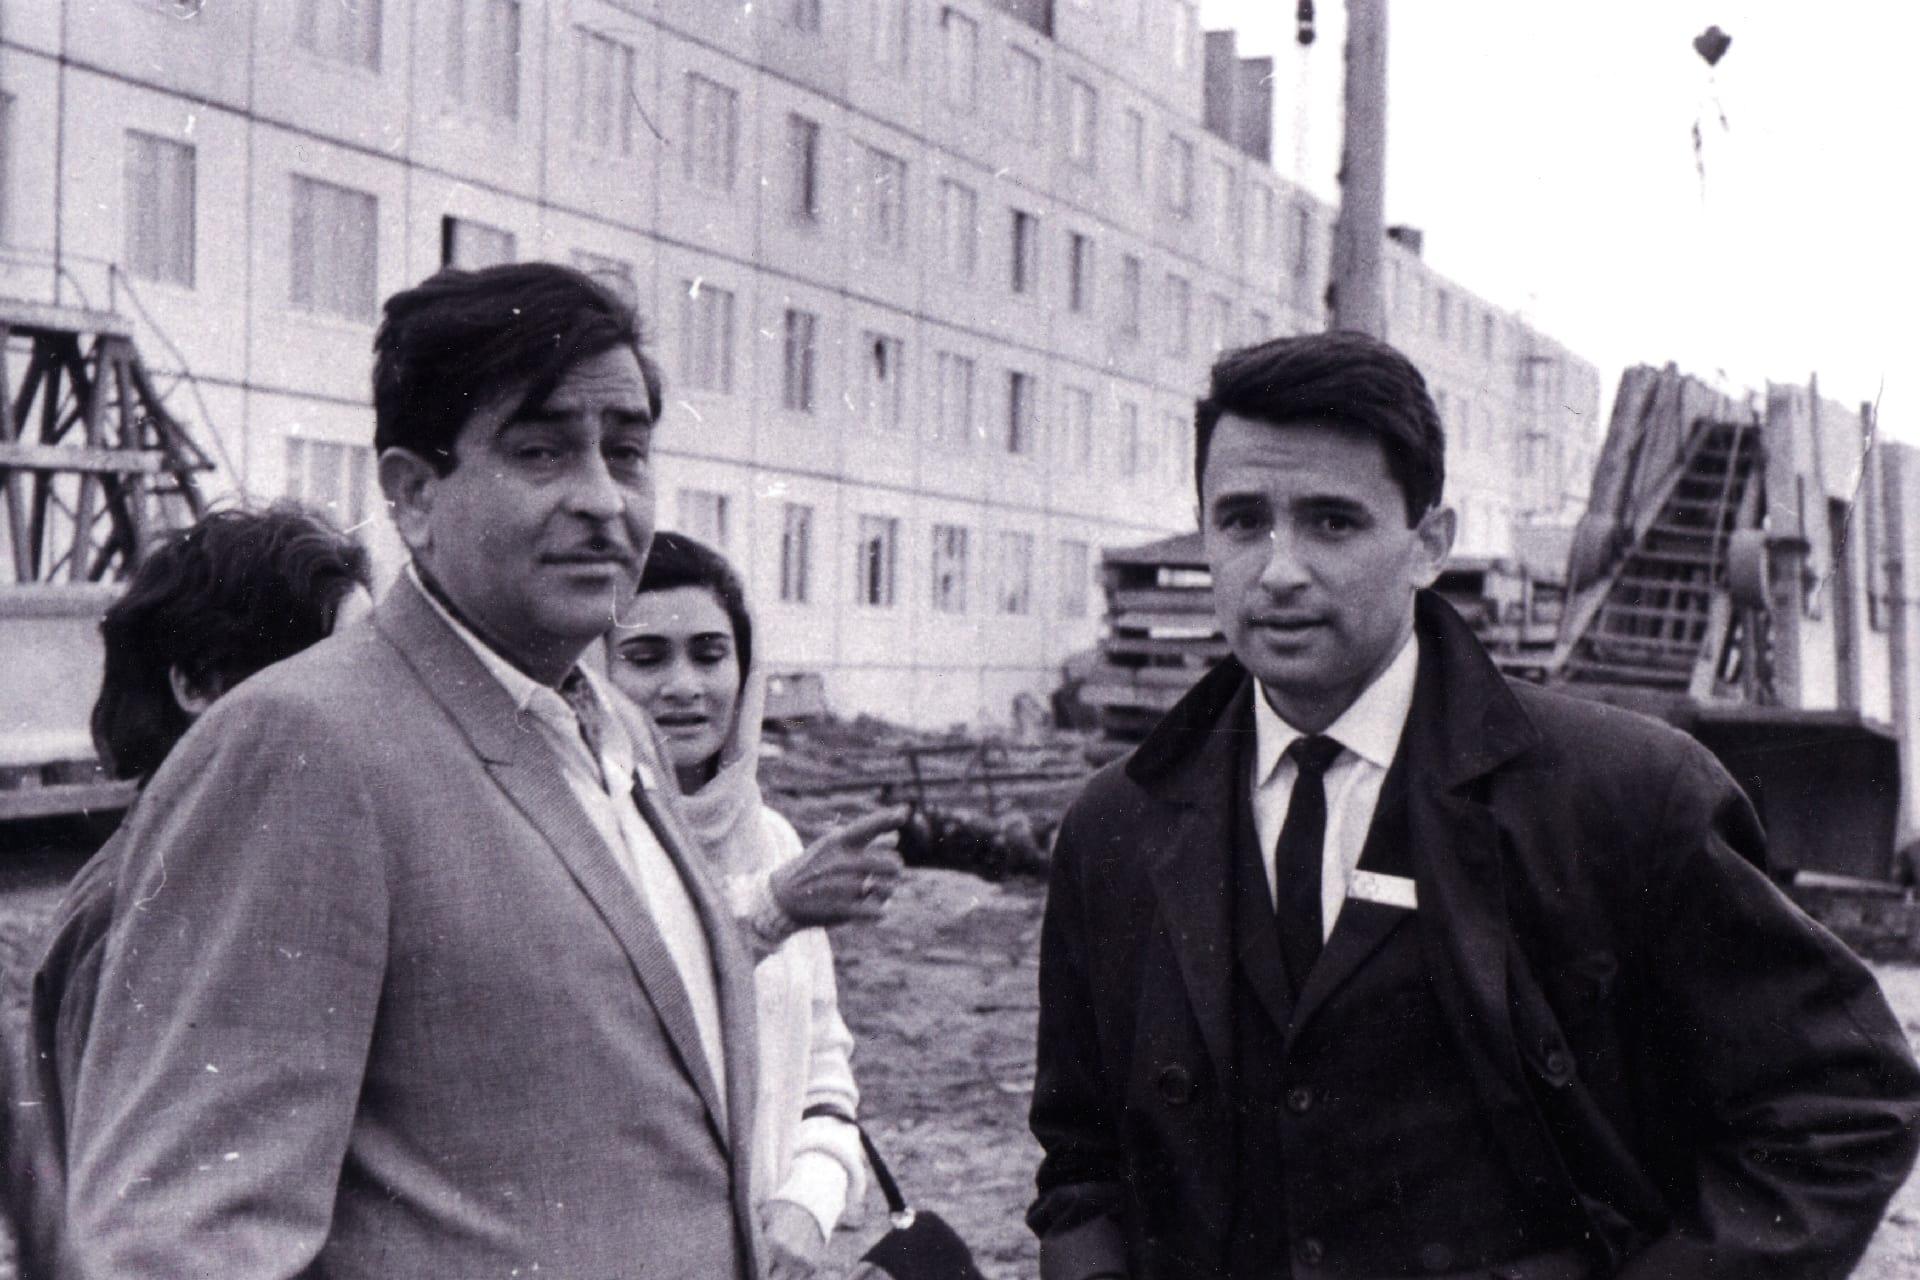 Экспонат #1. С индийским актером и режиссером Раджем Капуром. Москва. Начало 60-х годов